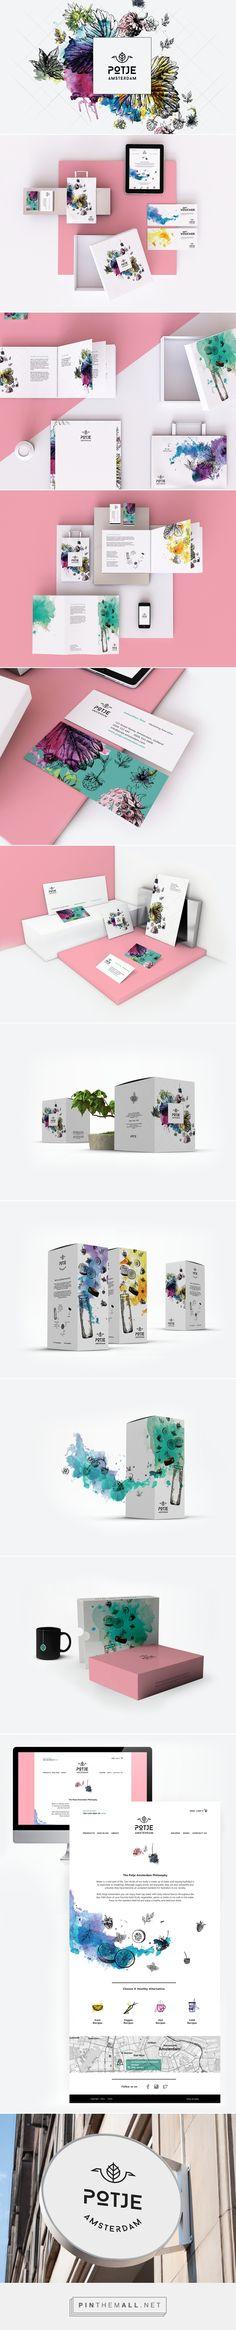 Potje Amsterdam Branding on Behance | Fivestar Branding – Design and Branding Agency & Inspiration Gallery